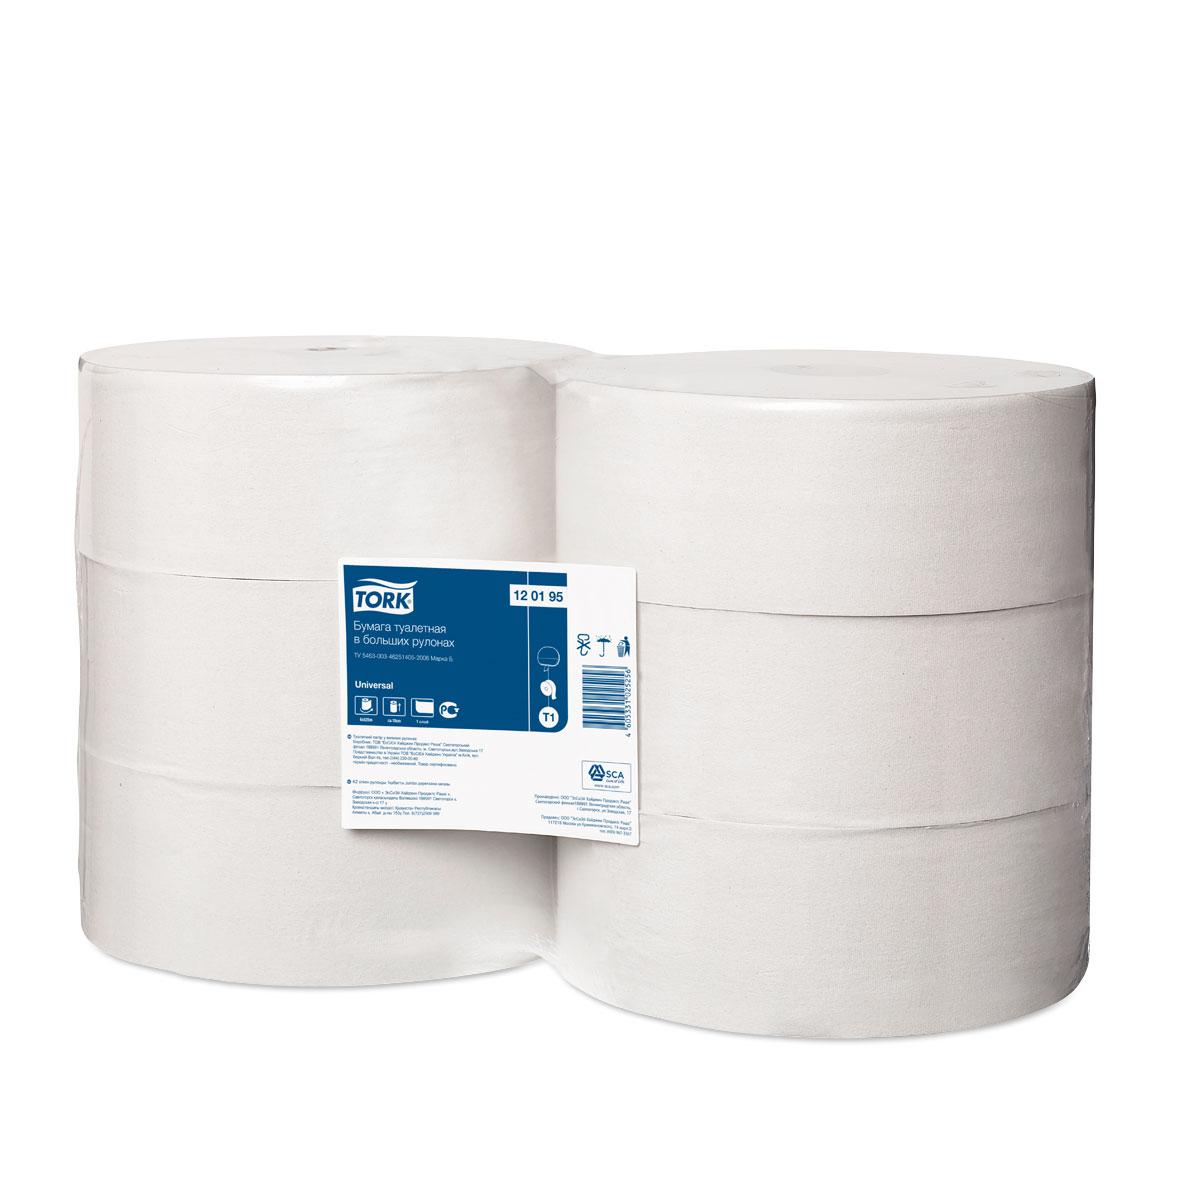 Бумага туалетная Tork, однослойная, 6 рулонов. 120095120095Однослойная туалетная бумага Tork в больших рулонах - оптимальное соотношение цены и качества, подходит для туалетных комнат высокой проходимости. Большая емкость, благодаря чему реже требуется перезаправка.Изготовлена из переработанного сырья.Без перфорации.